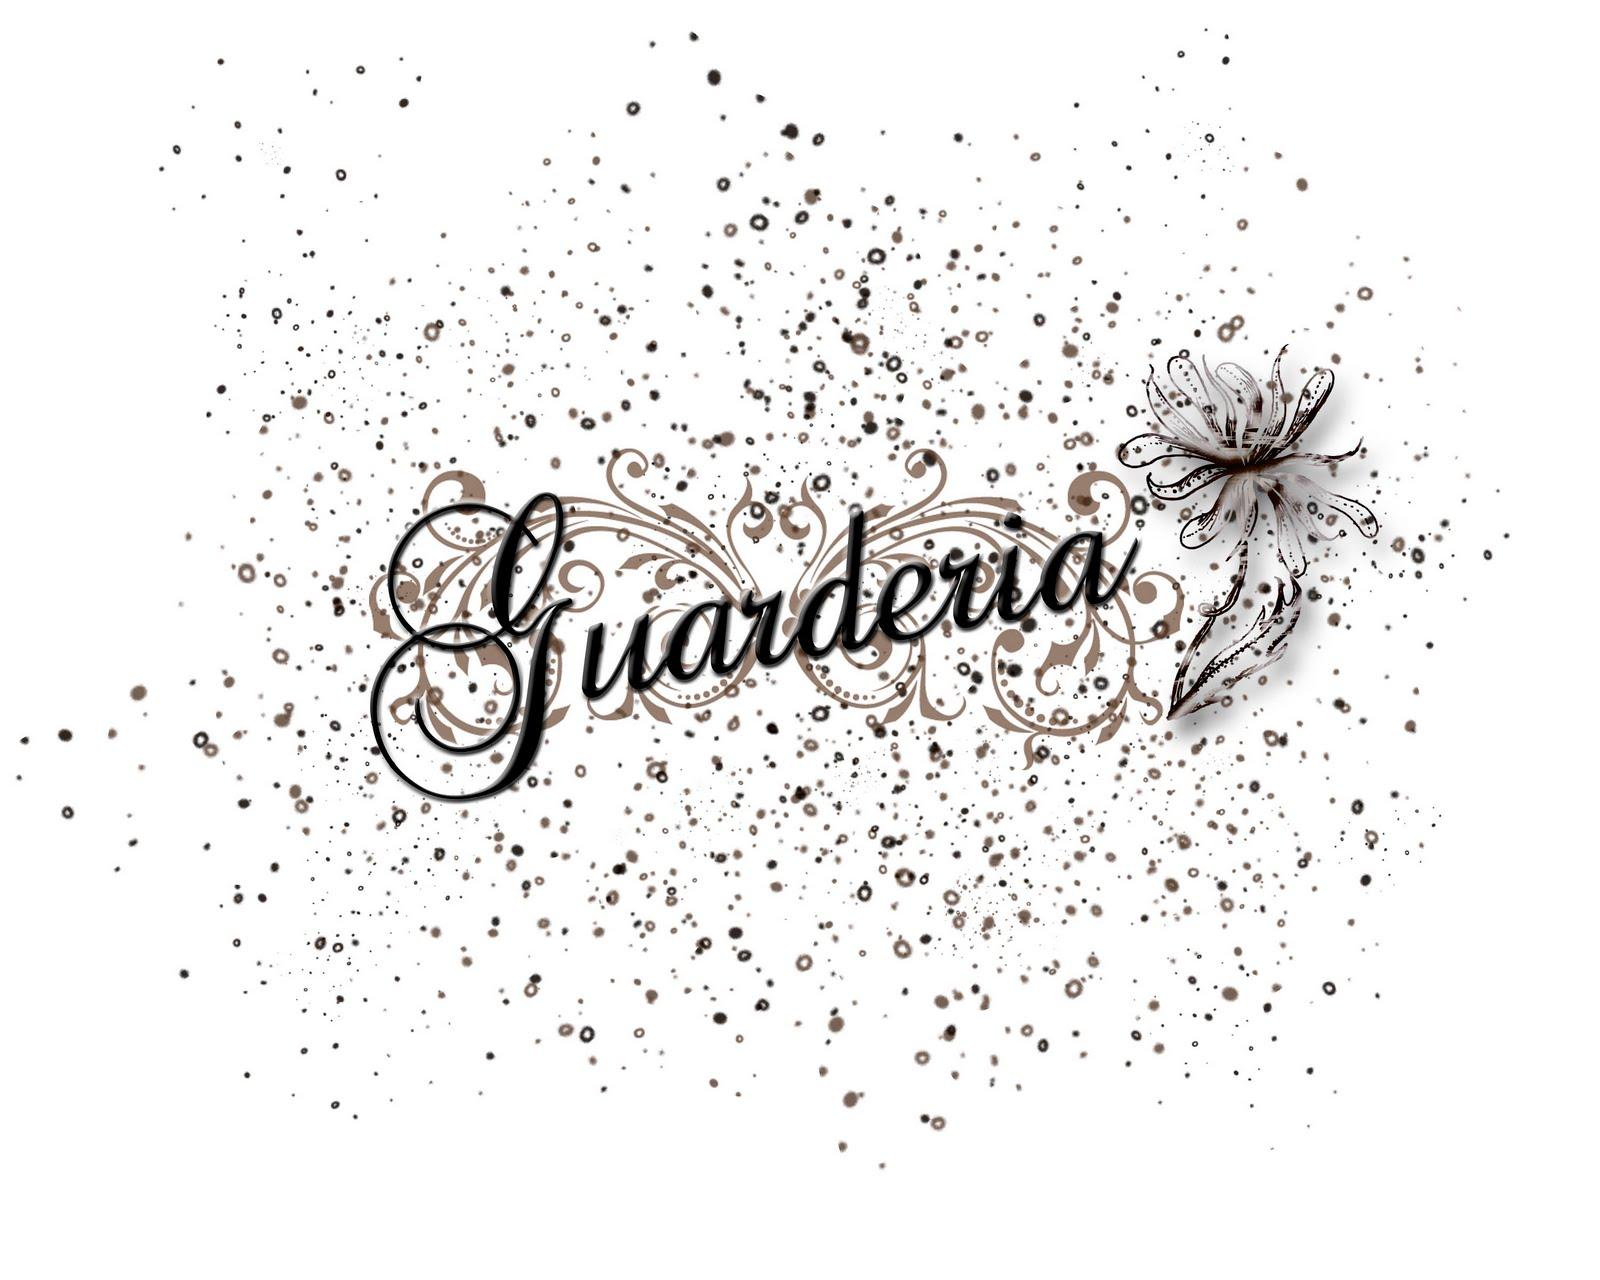 holamormon1: GUARDERIA